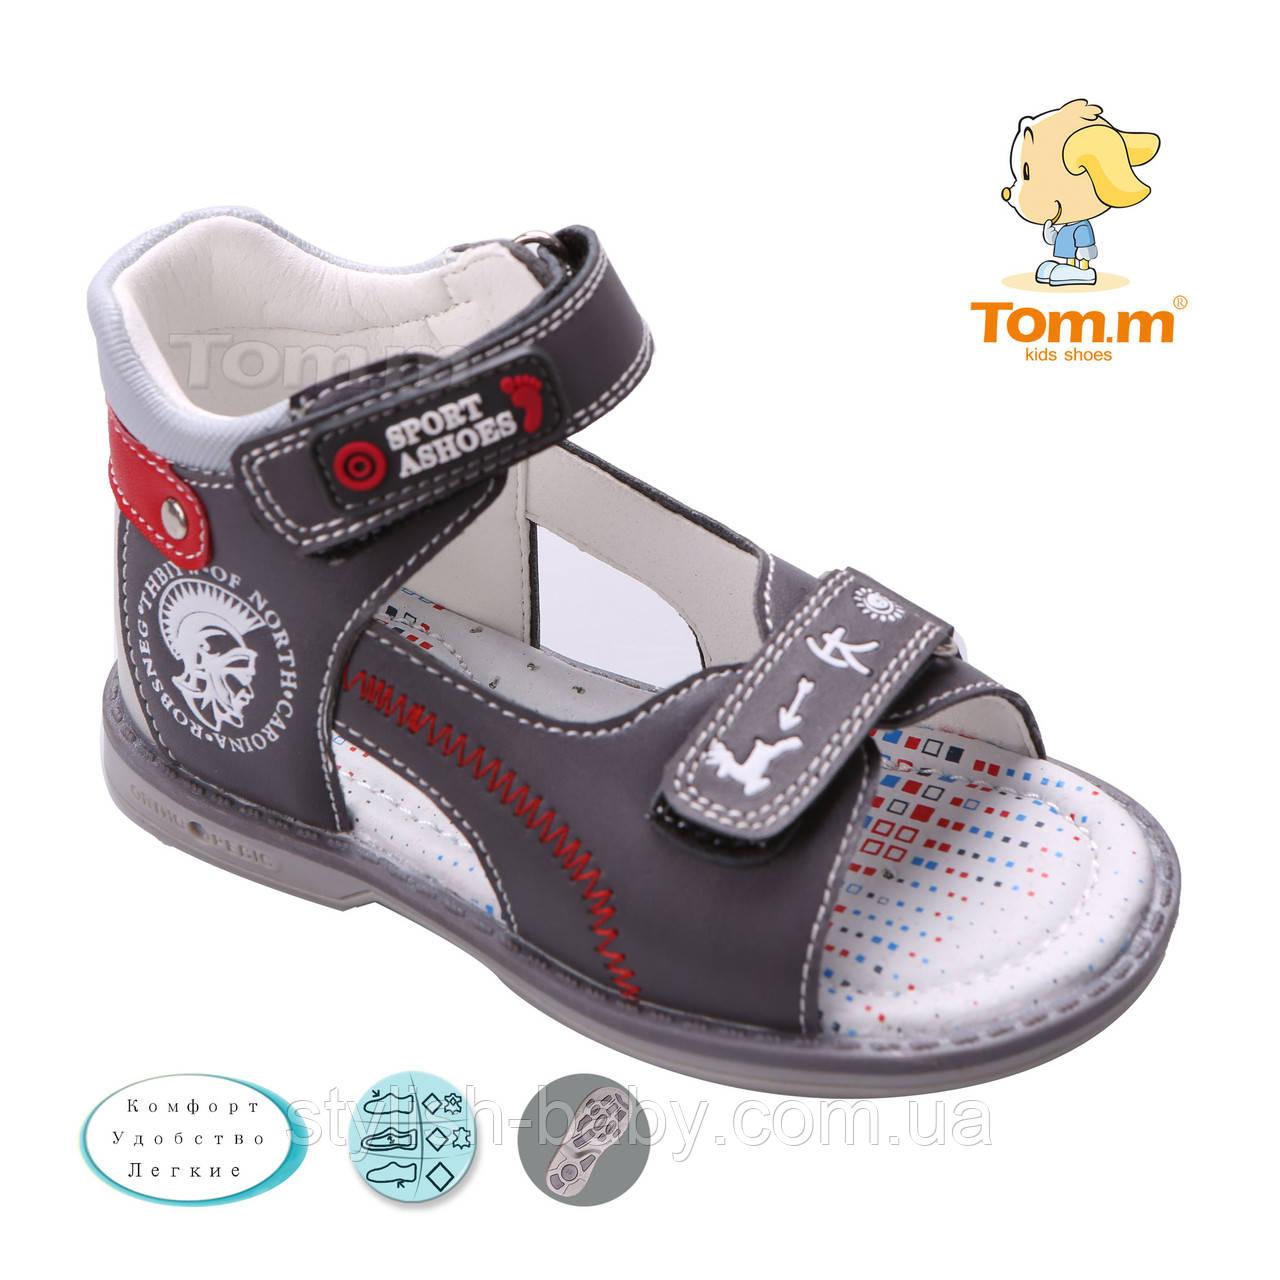 Дитяче літнє взуття оптом. Дитячі босоніжки бренду Tom.m для хлопчиків (рр. з 21 по 26)